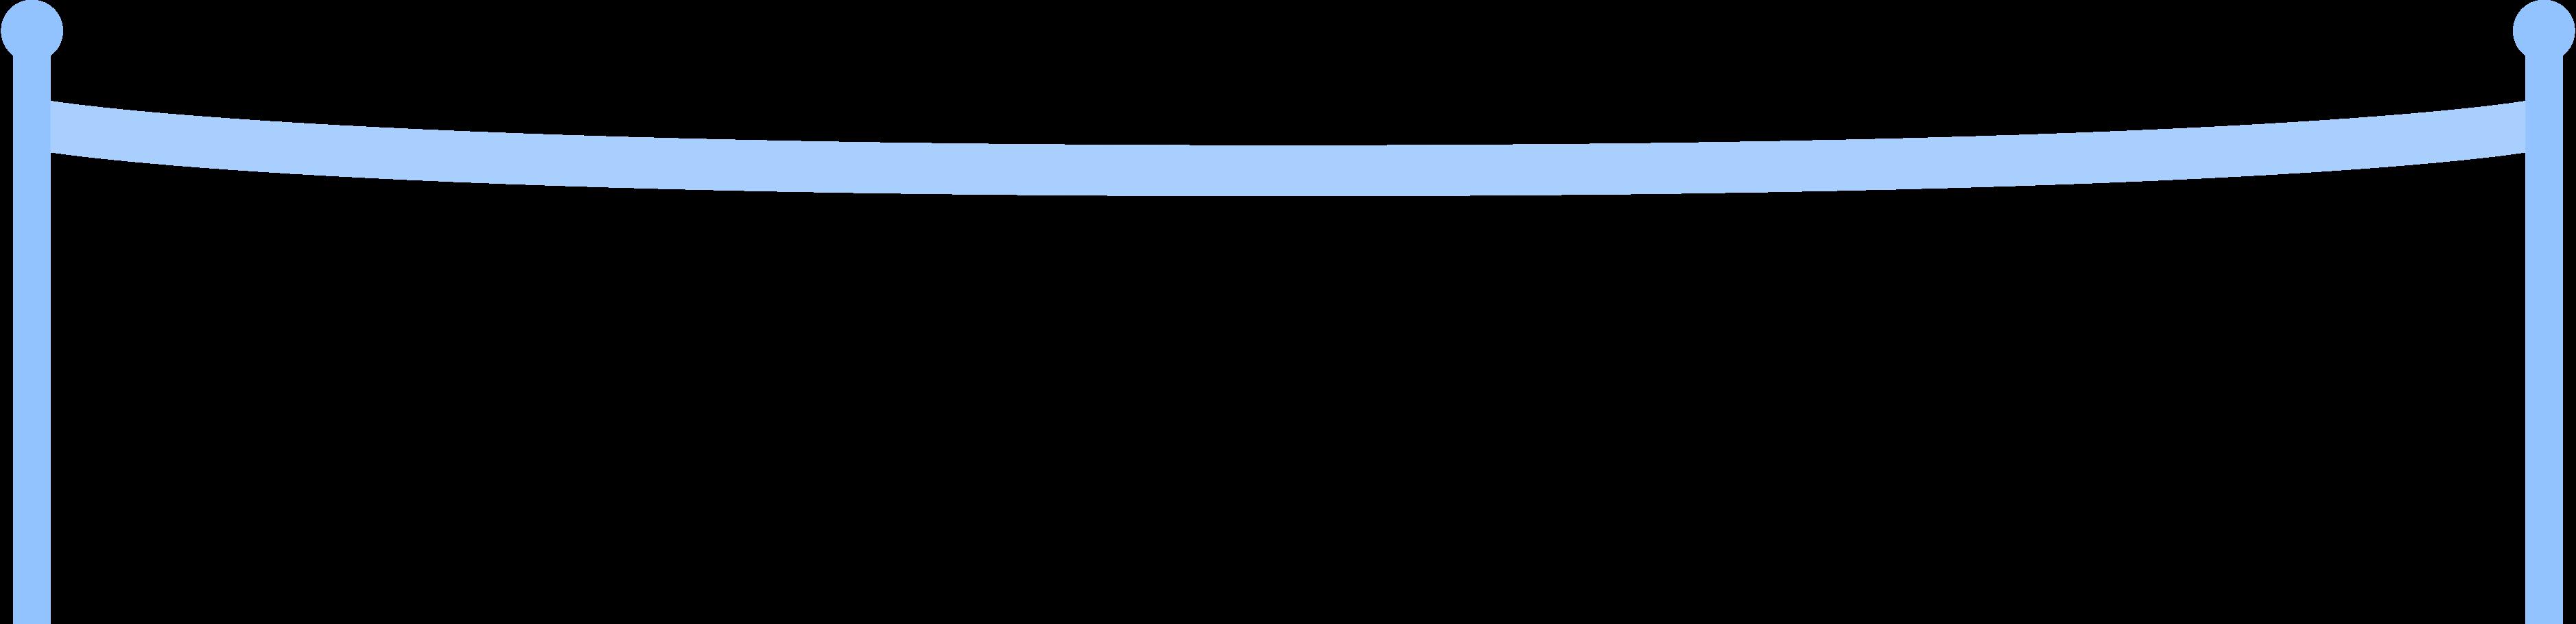 barrier Clipart illustration in PNG, SVG